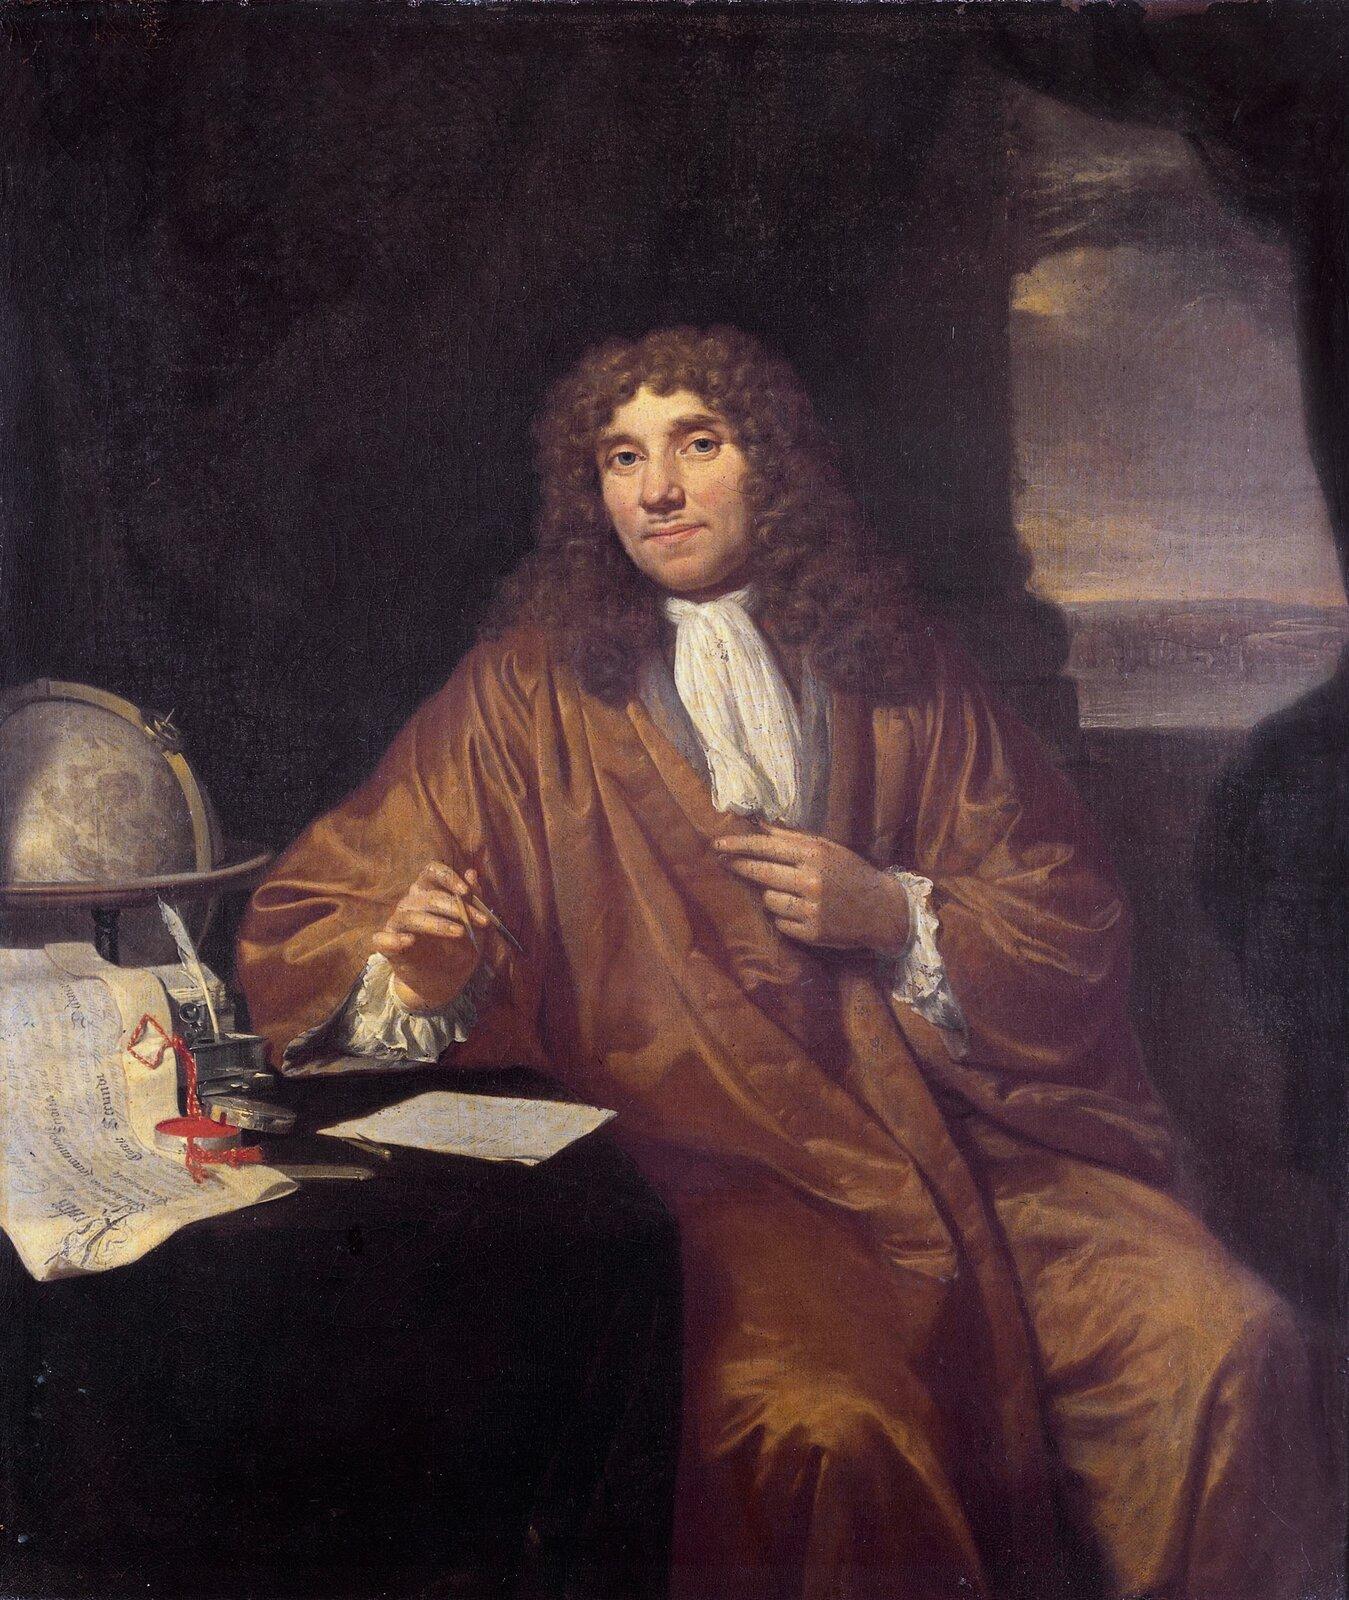 Portret mężczyzny wstroju historycznym, mężczyzna ubrany wrodzaj długiego brązowego płaszcza. Siedzi bokiem przy stole. Na głowie peruka zdługimi kręconymi lokami.